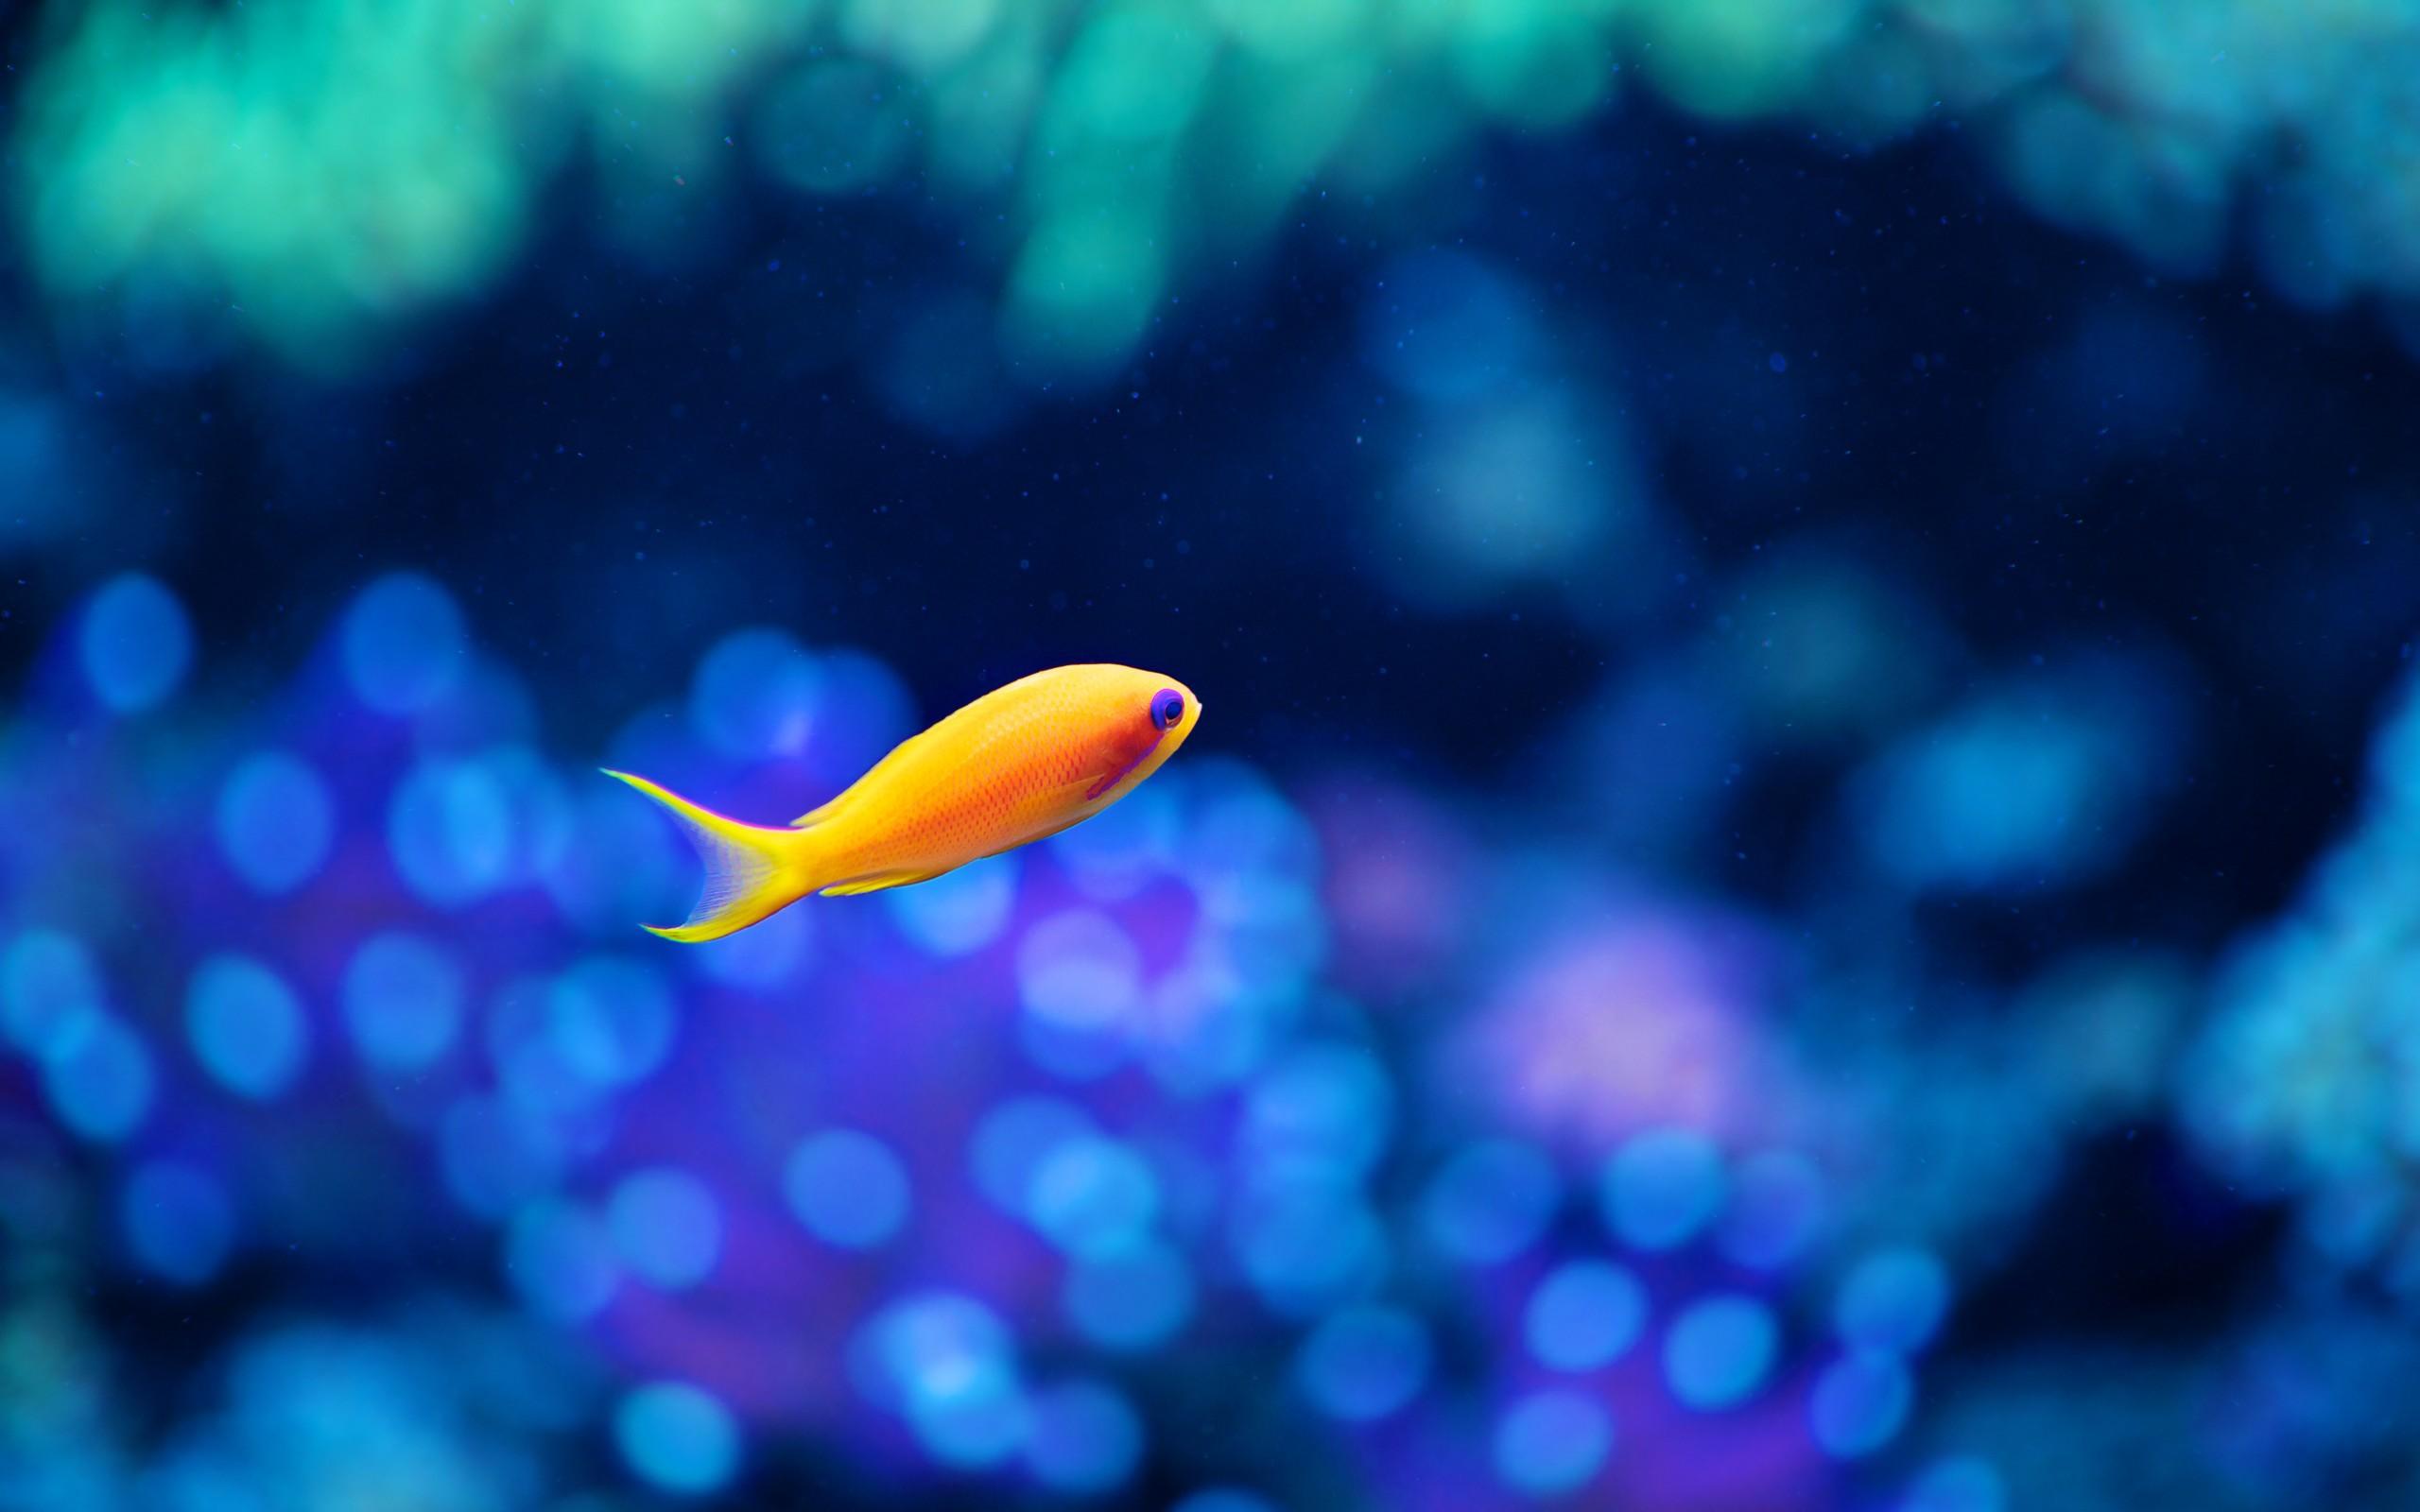 Желтая рыбка  № 1707606 загрузить